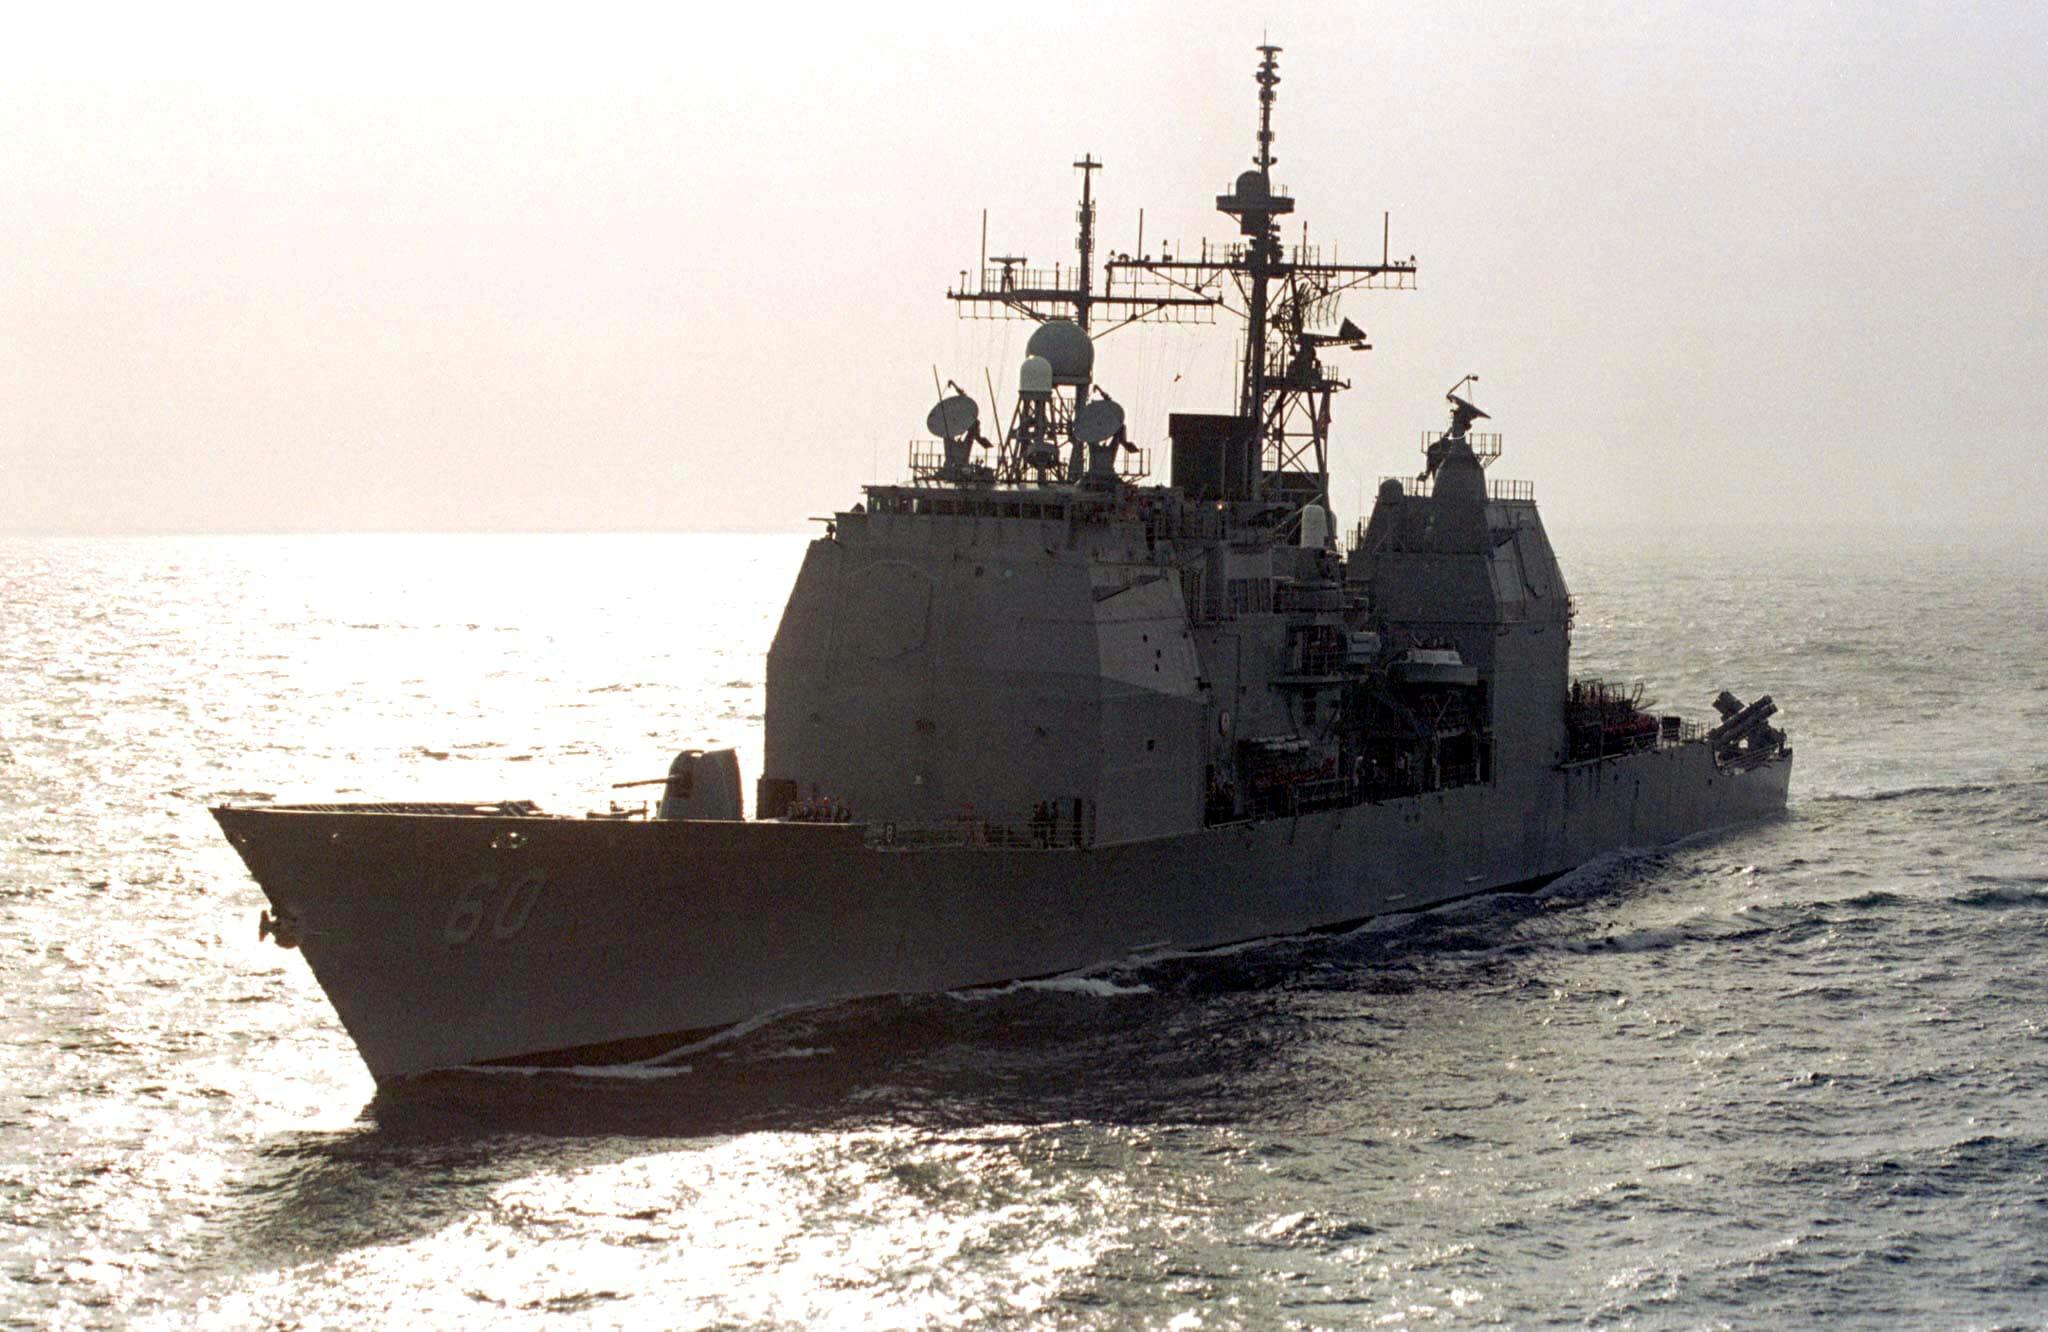 """Οι ΗΠΑ κατέσχεσαν πυραύλους """"ιρανικού σχεδιασμού"""" από ιστιοφόρο στην Αραβική Θάλασσα"""